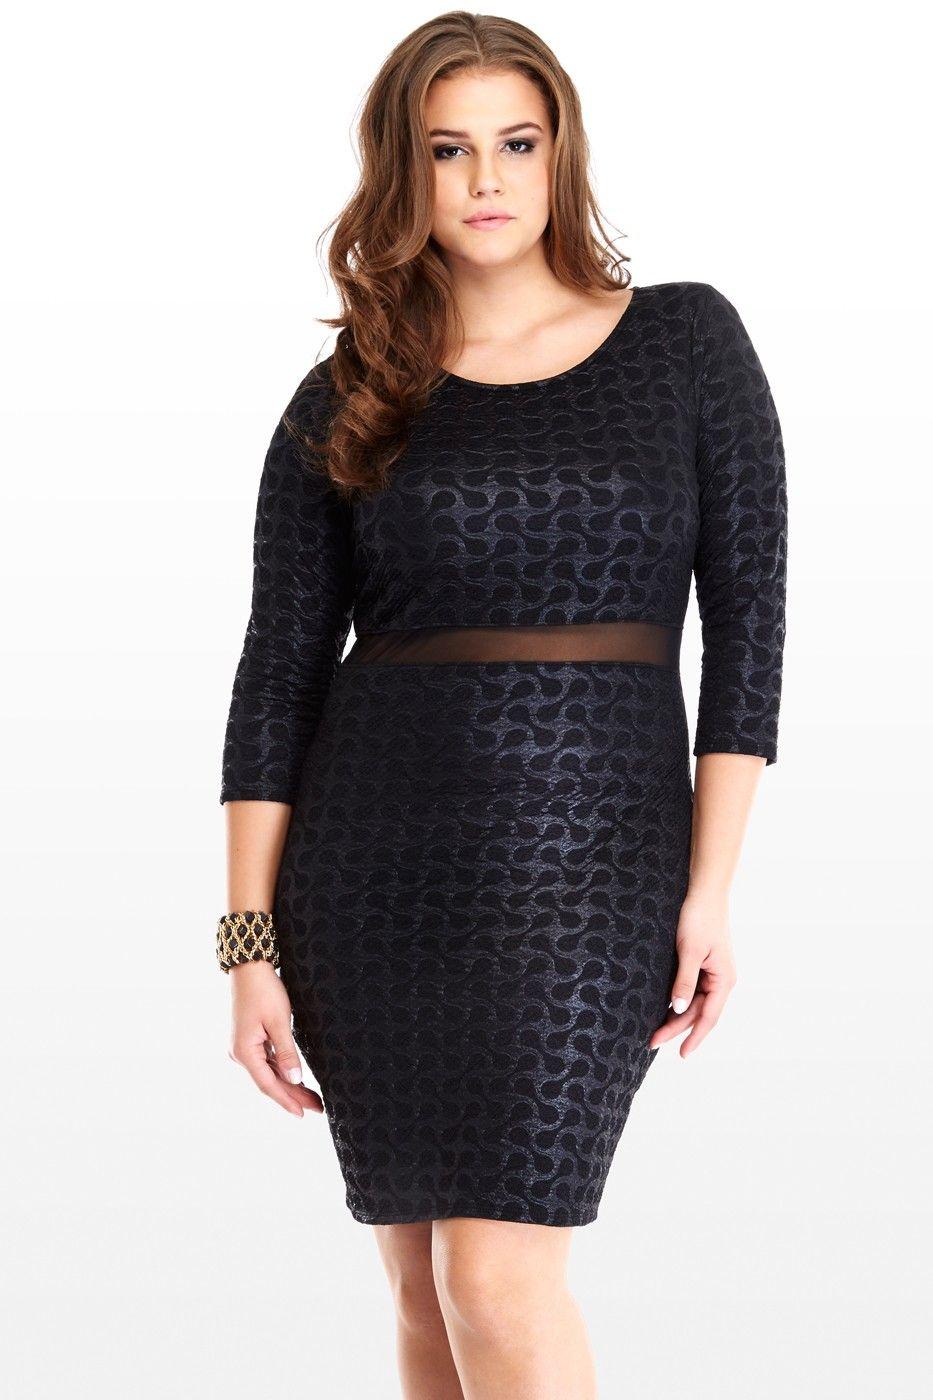 Fashiontofigure catalog clothing plus size dresses